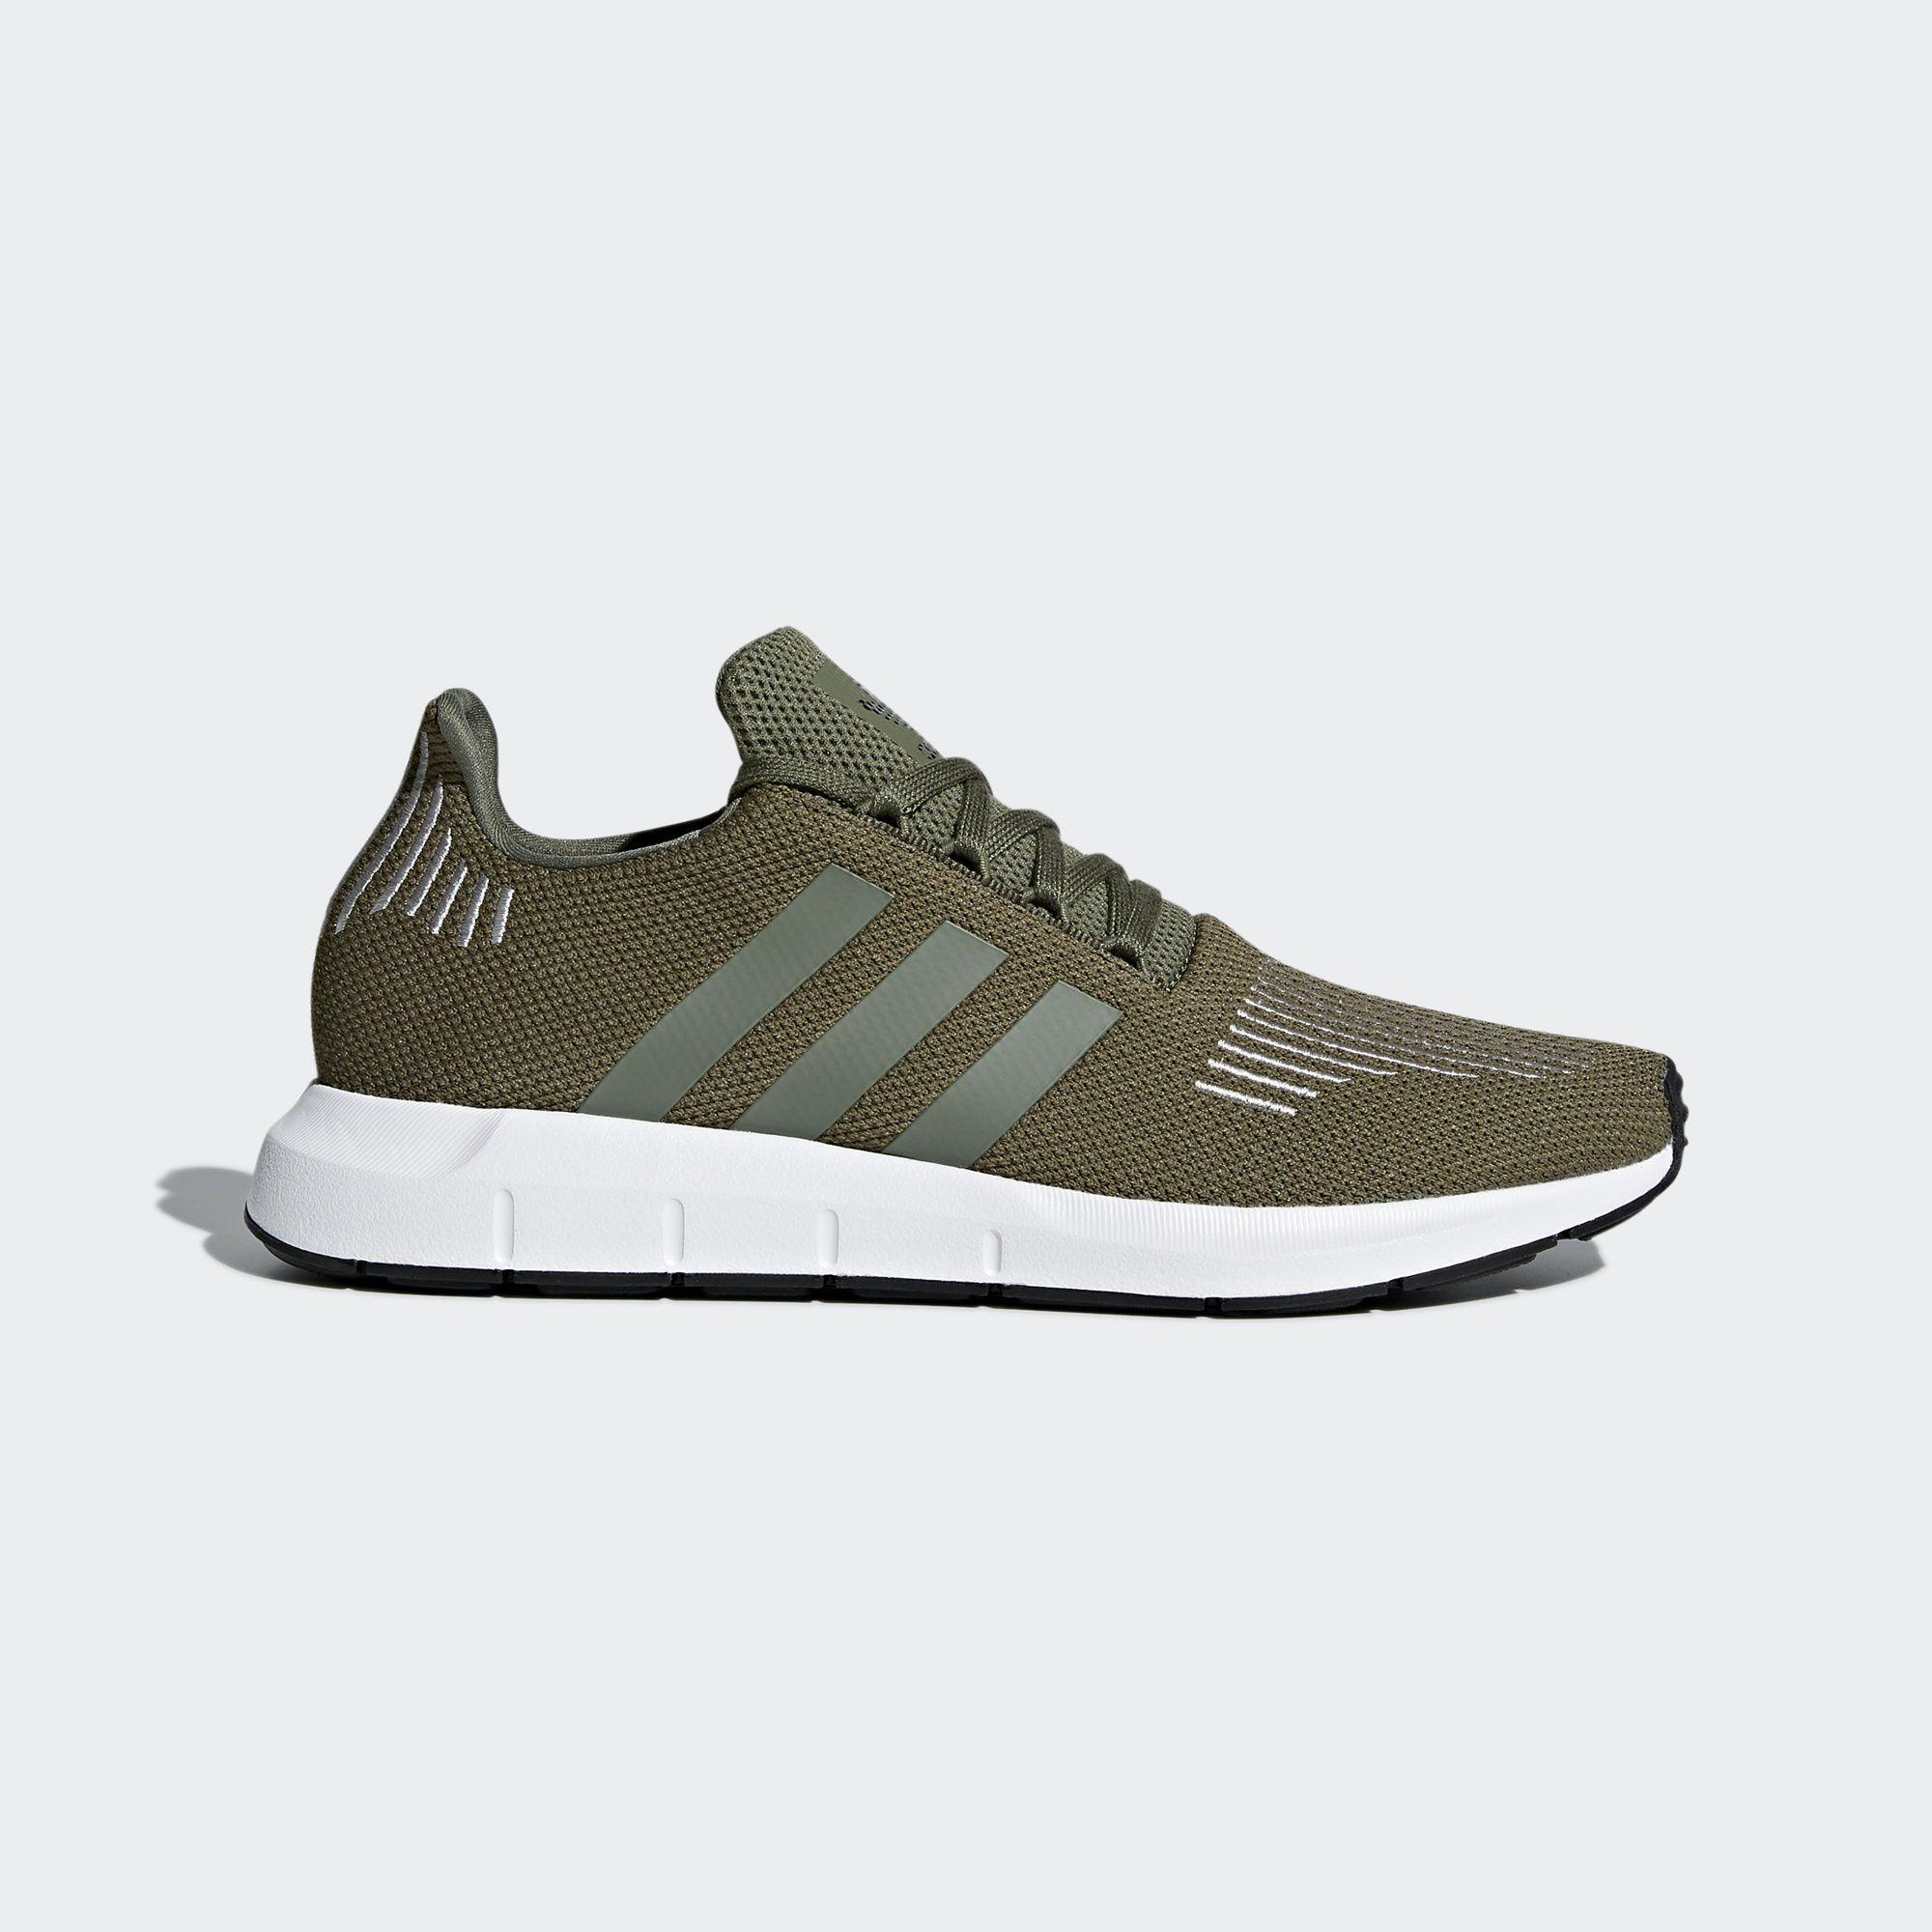 Adidas Swift Run zapatos adidas nosotros ripping n corriendo no definida